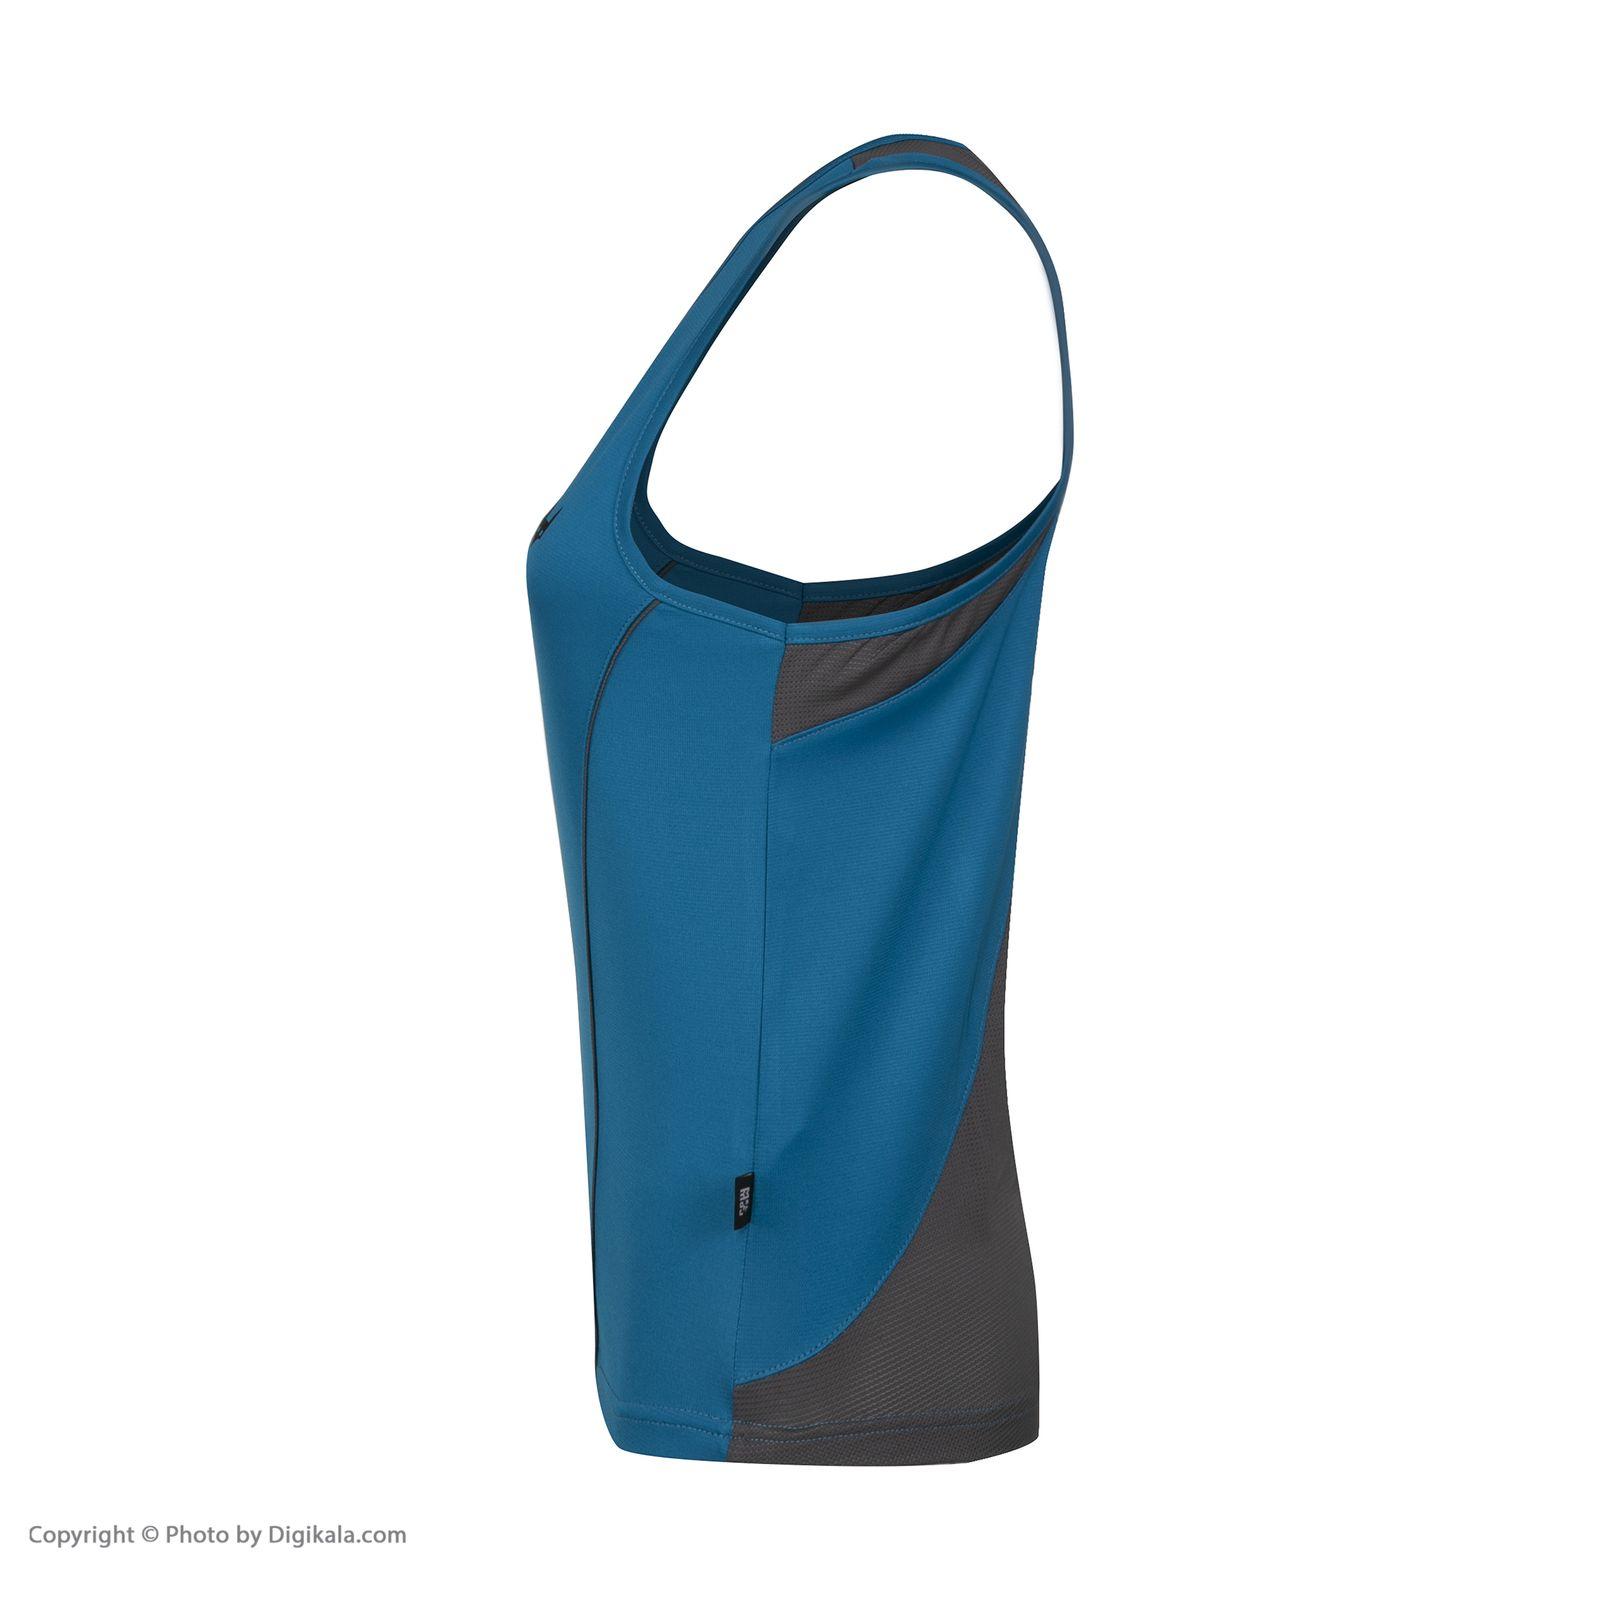 تاپ ورزشی زنانه مل اند موژ مدل W06339-410 -  - 4